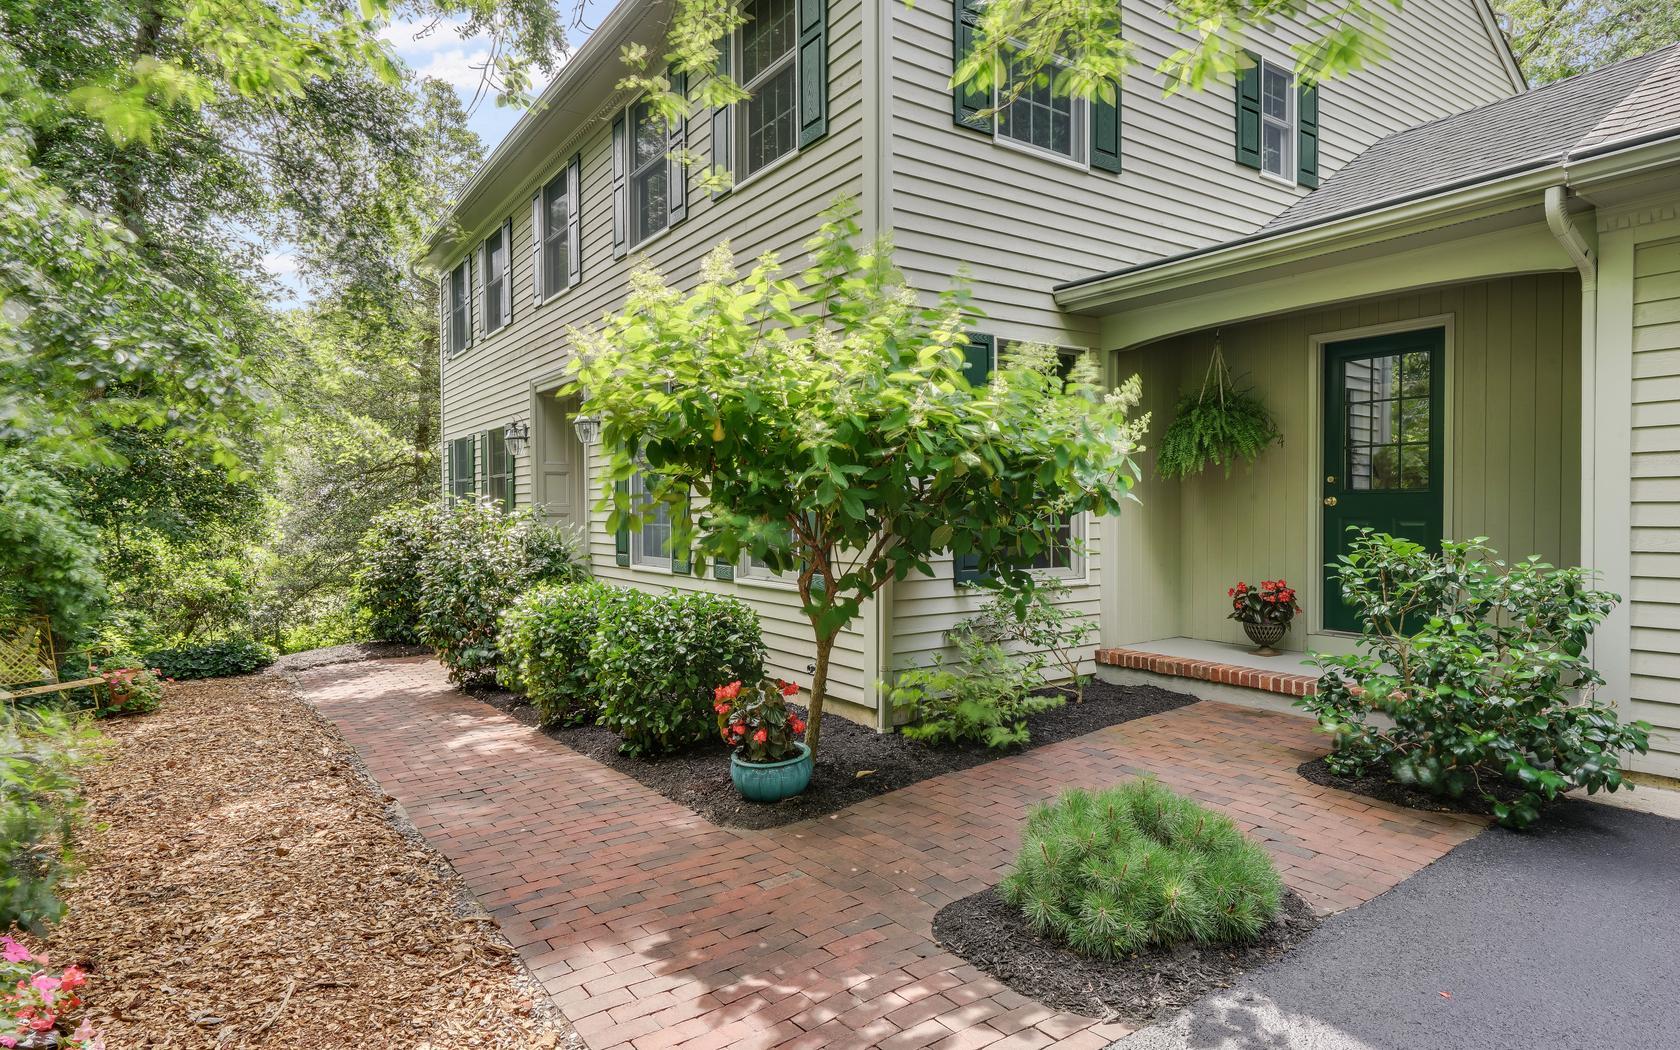 Villa per Vendita alle ore Quiet and Tranquil Setting! 844 William Drive Brielle, New Jersey, 08730 Stati Uniti